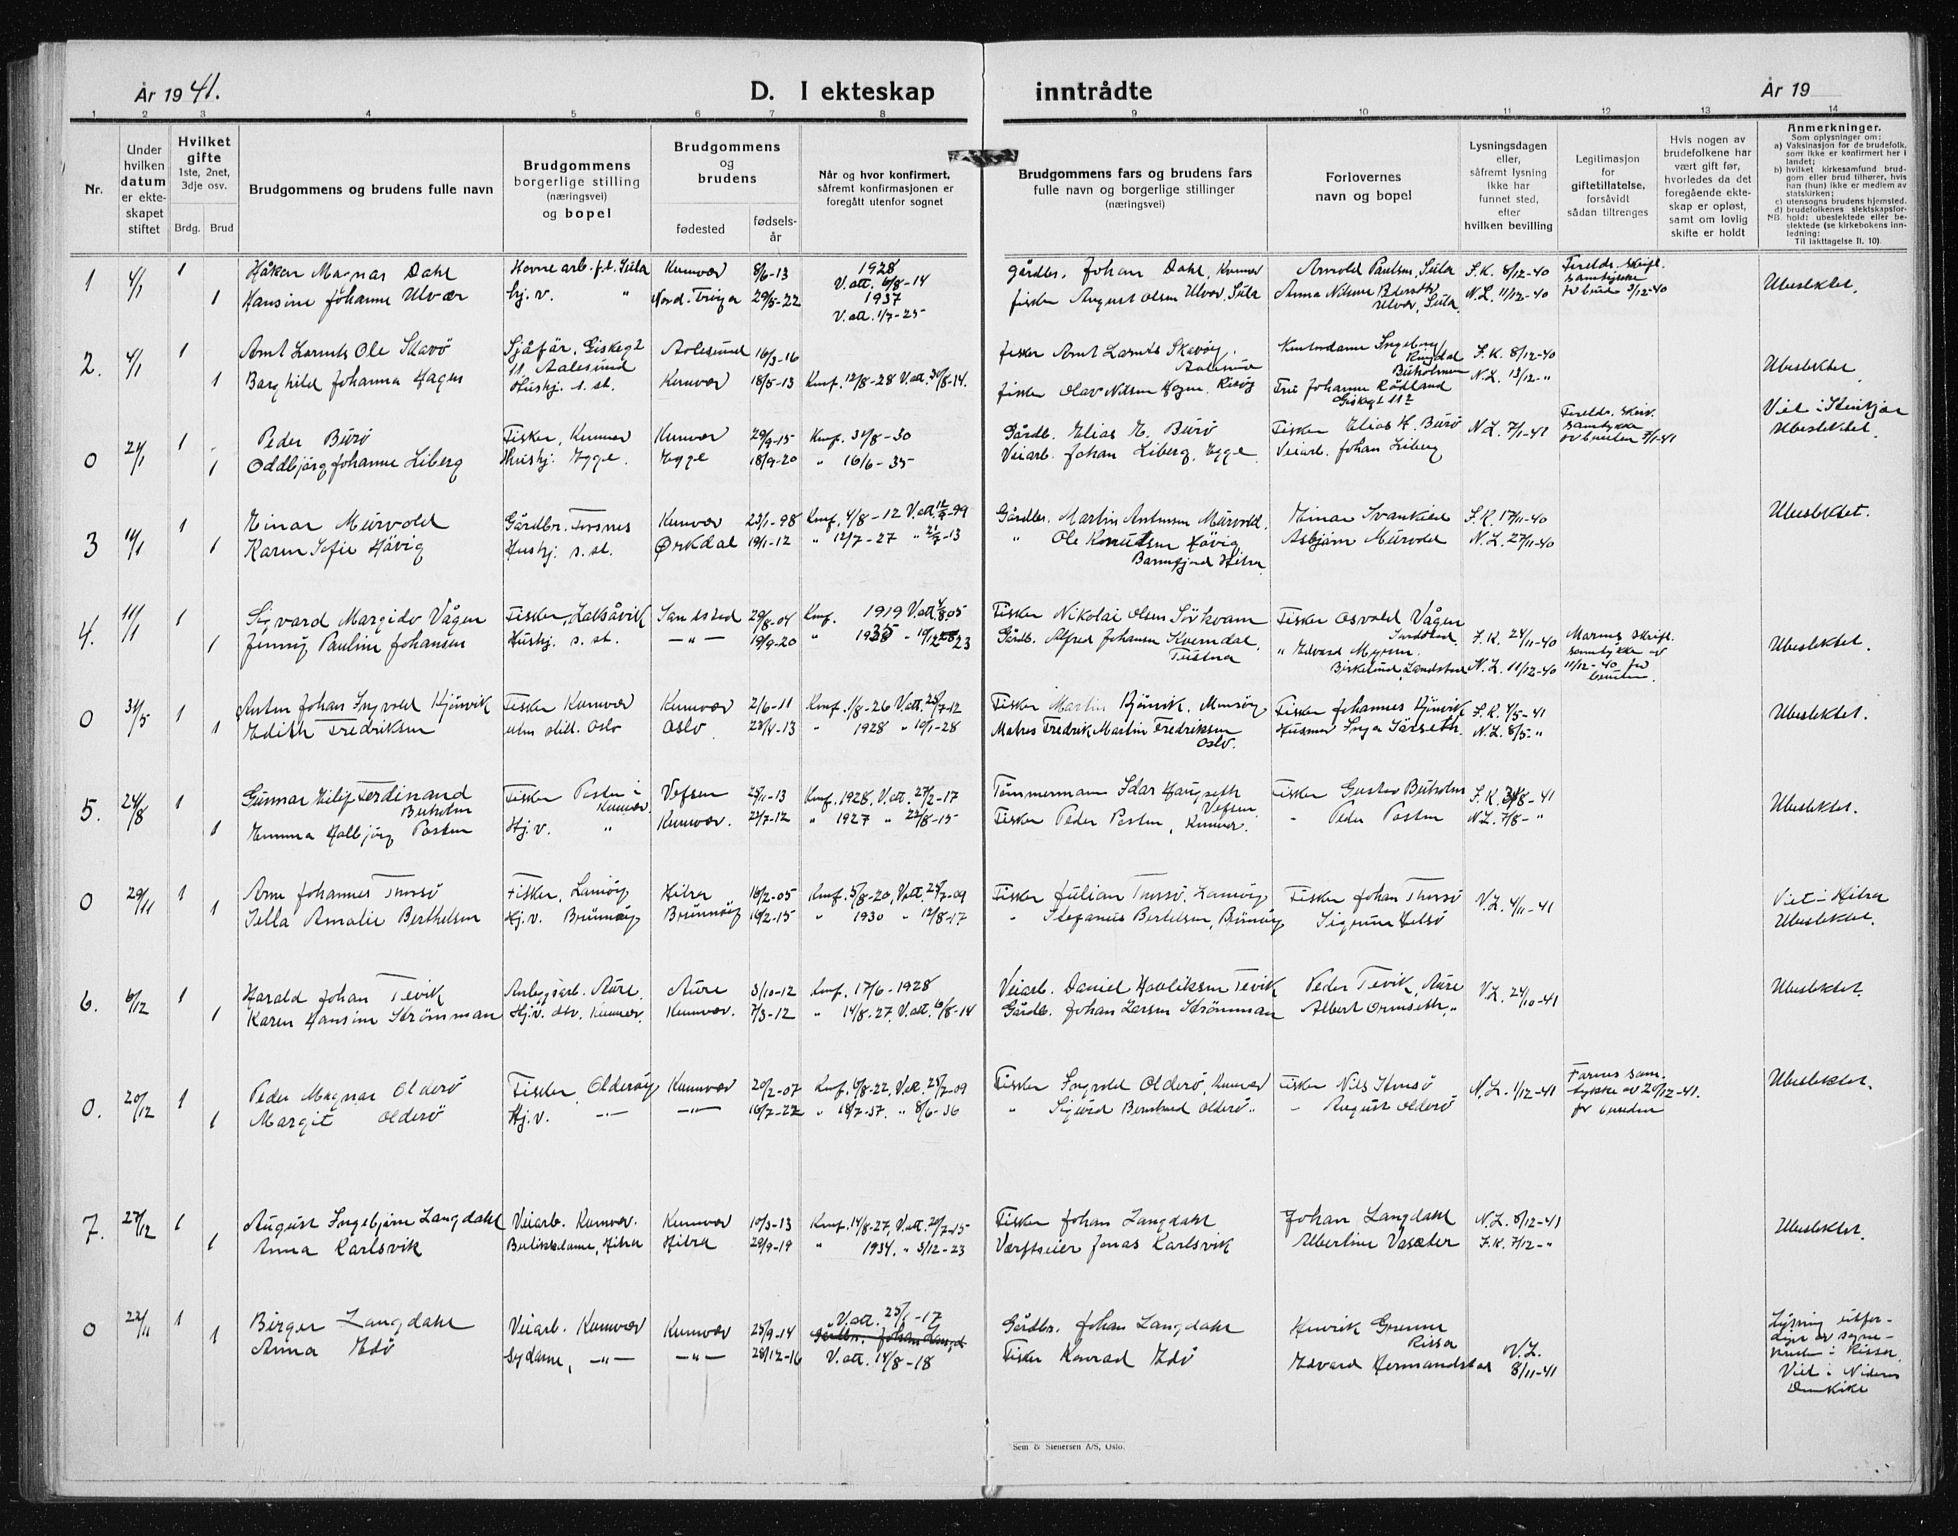 SAT, Ministerialprotokoller, klokkerbøker og fødselsregistre - Sør-Trøndelag, 635/L0554: Klokkerbok nr. 635C02, 1919-1942, s. 104